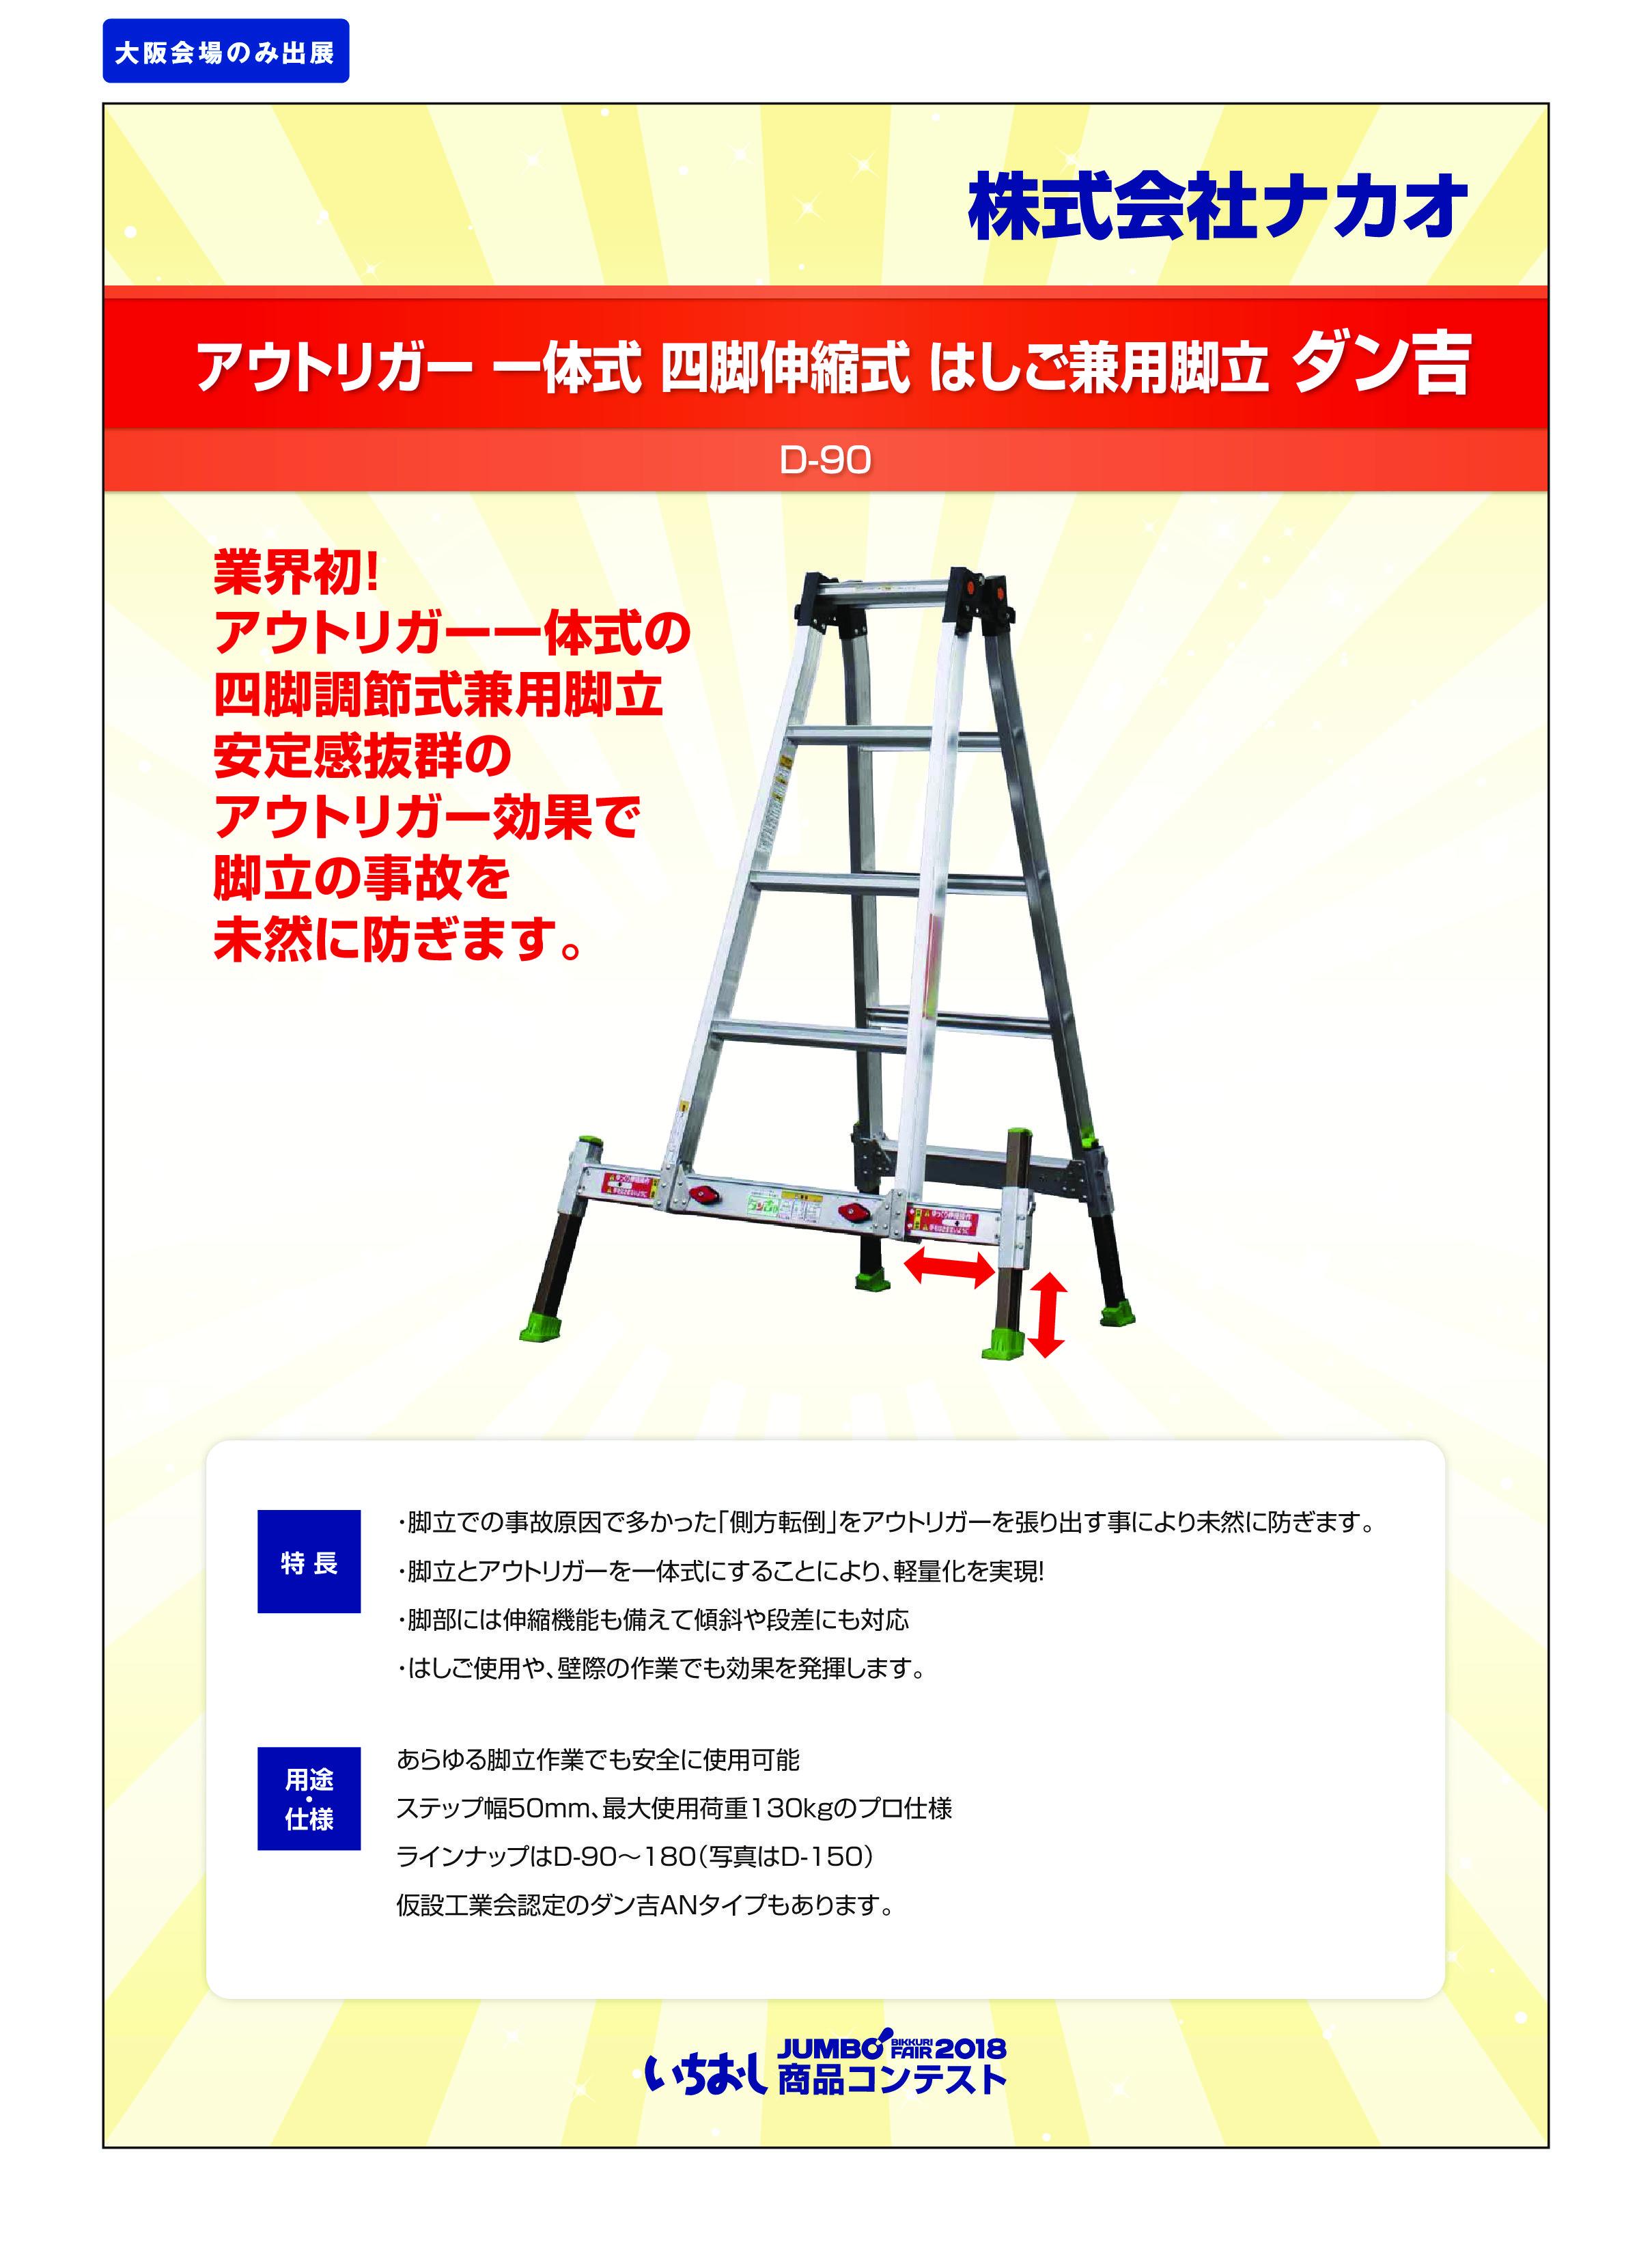 「アウトリガー 一体式 四脚伸縮式 はしご兼用脚立 ダン吉」株式会社ナカオの画像